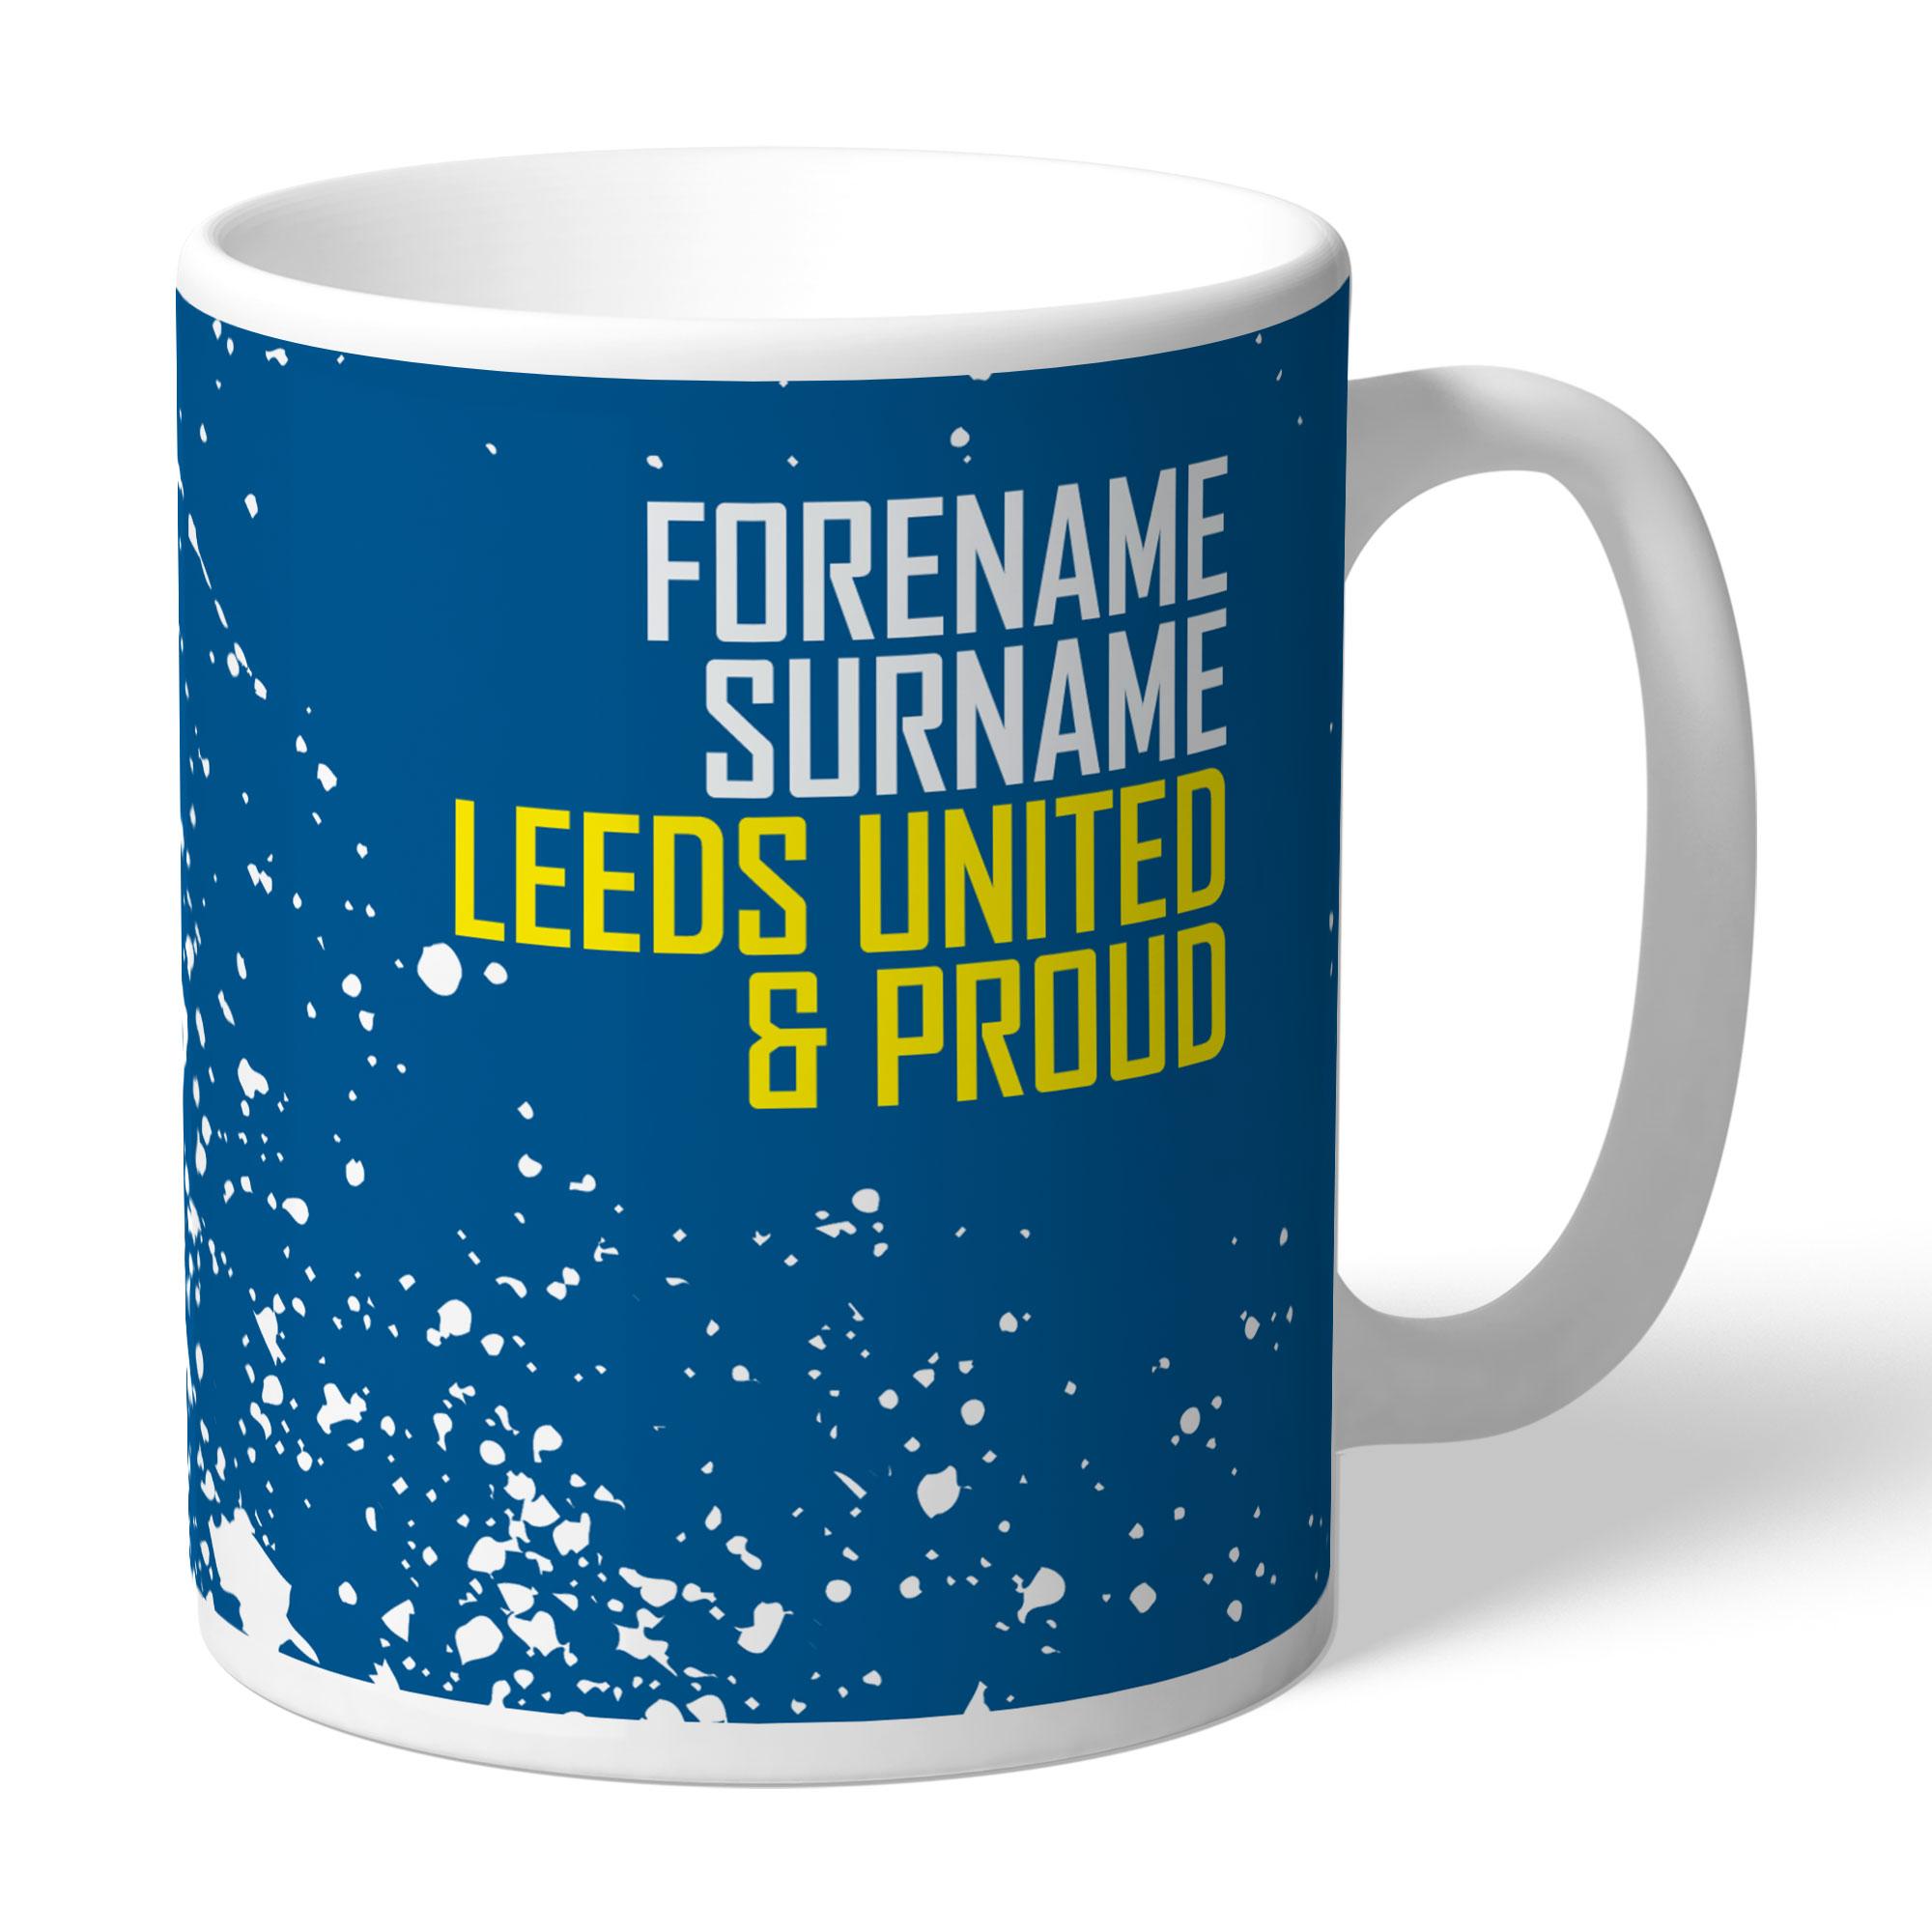 Leeds United FC Proud Mug